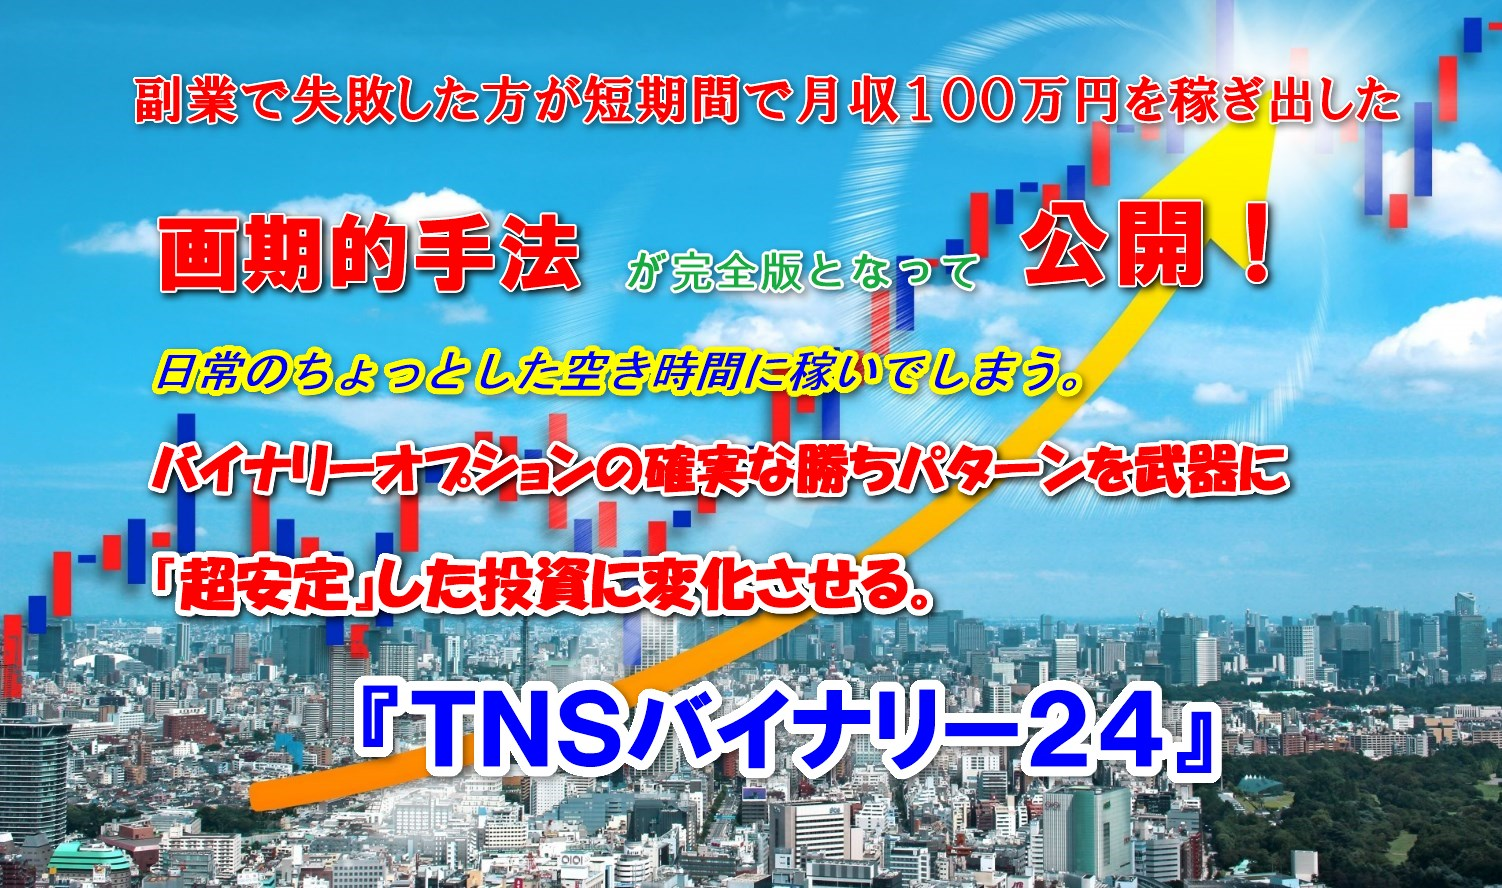 『TNSバイナリー24』順張り派の方向け勝率80%!